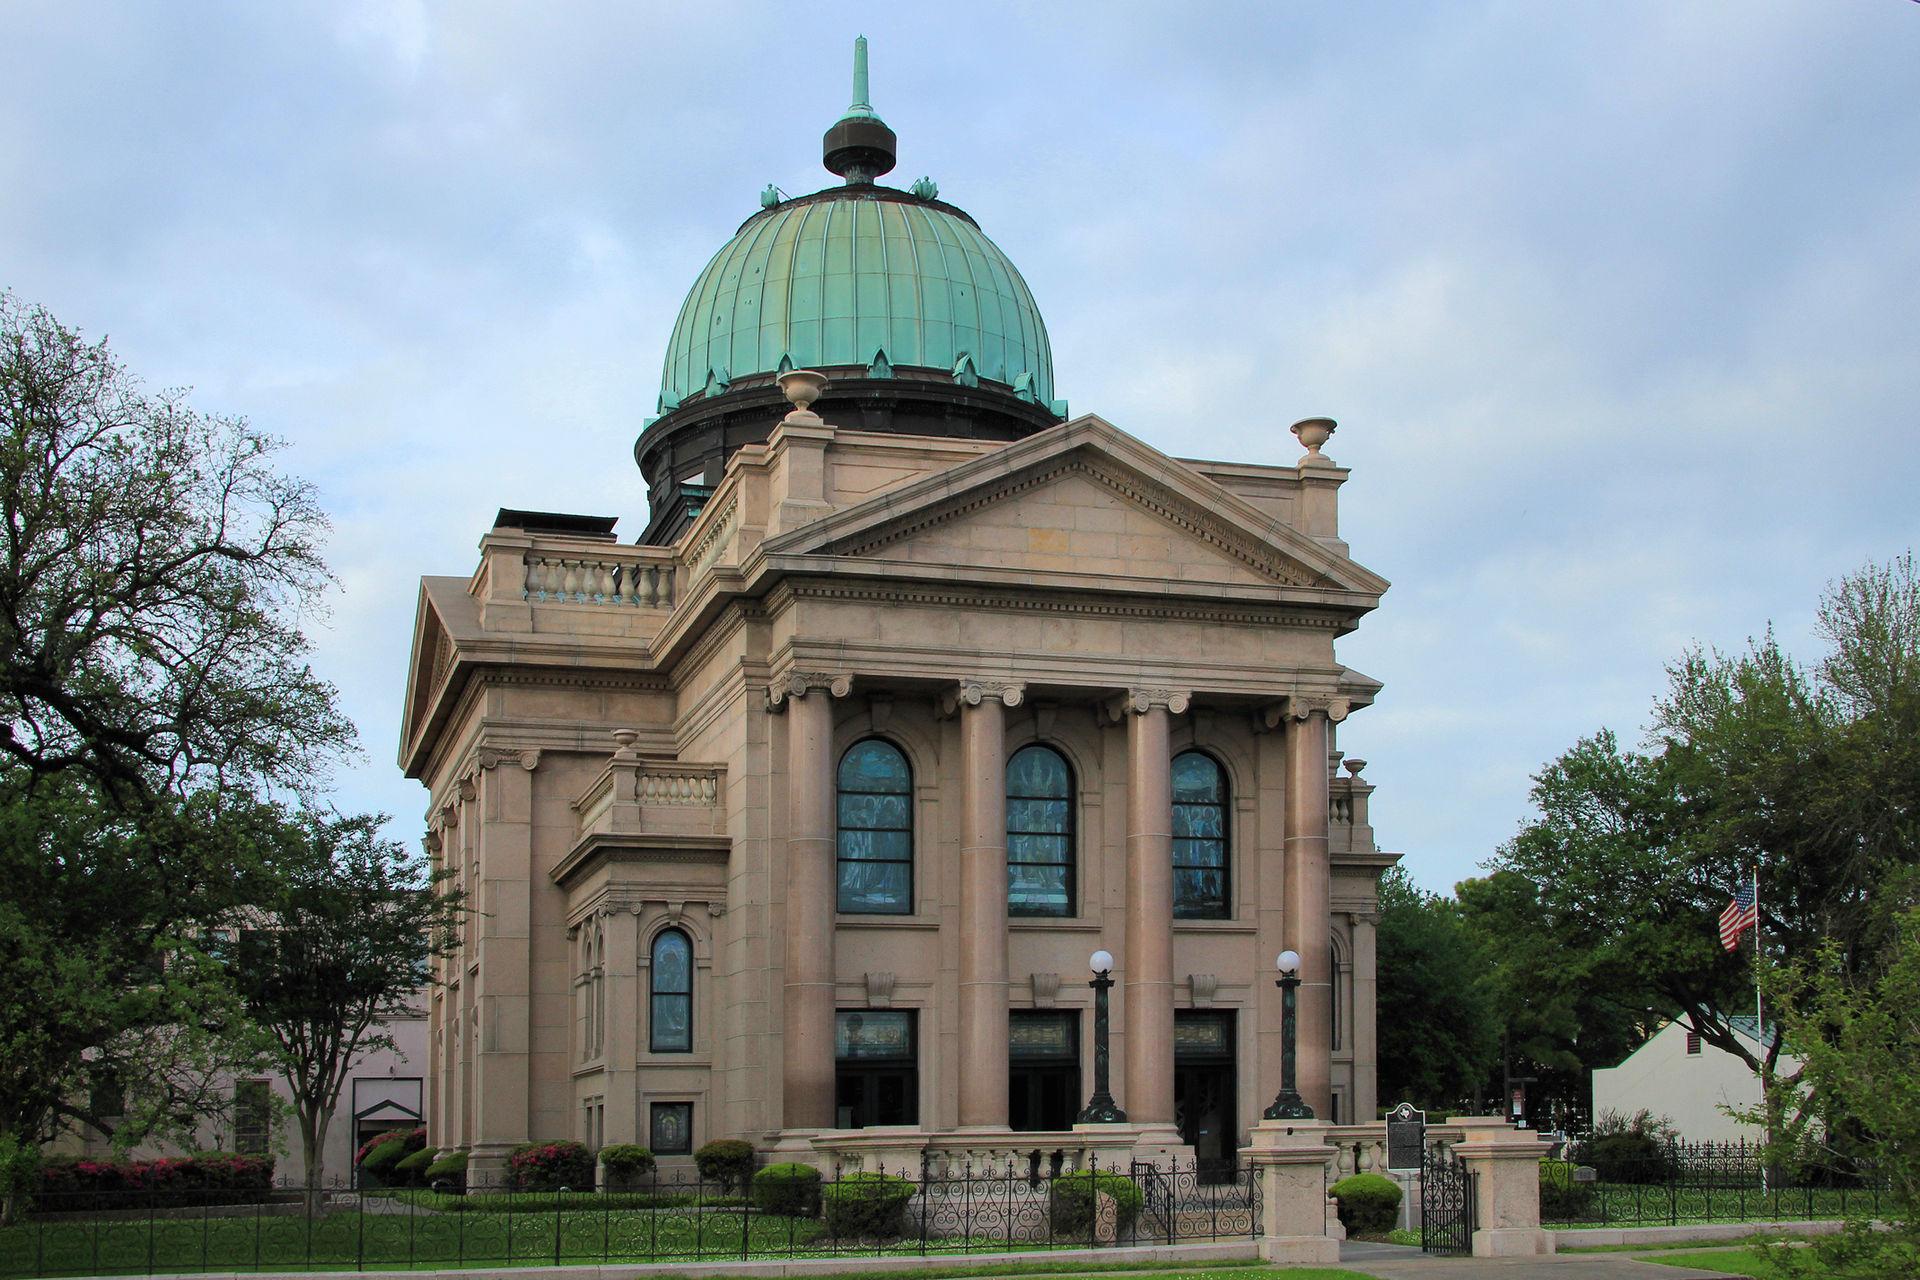 Lutcher Memorial Church was built in 1912.